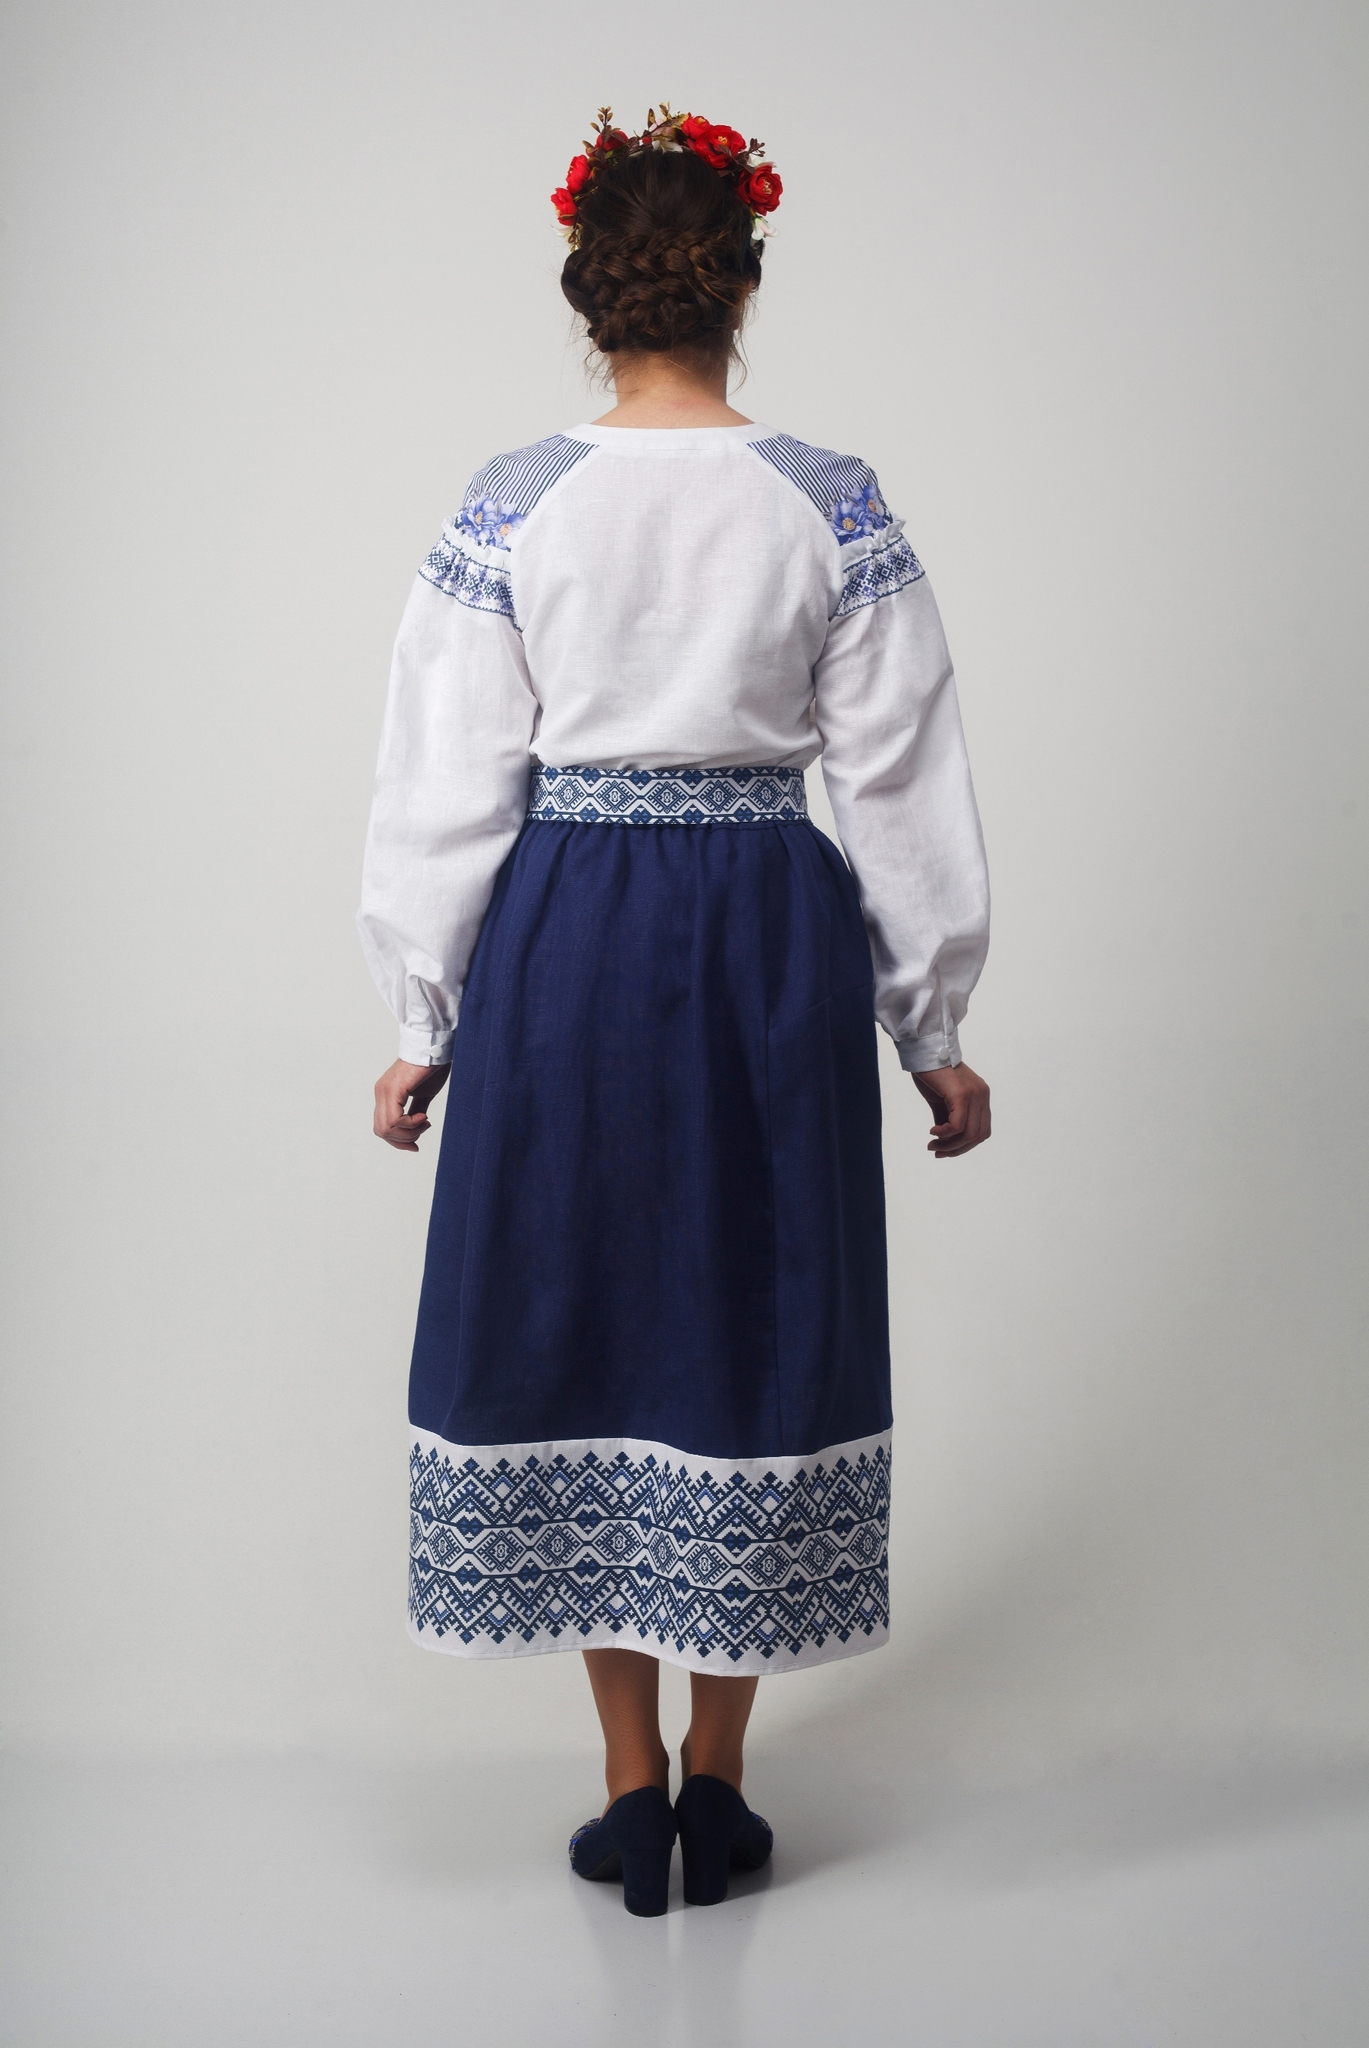 Блуза Дивная 01 вид сзади